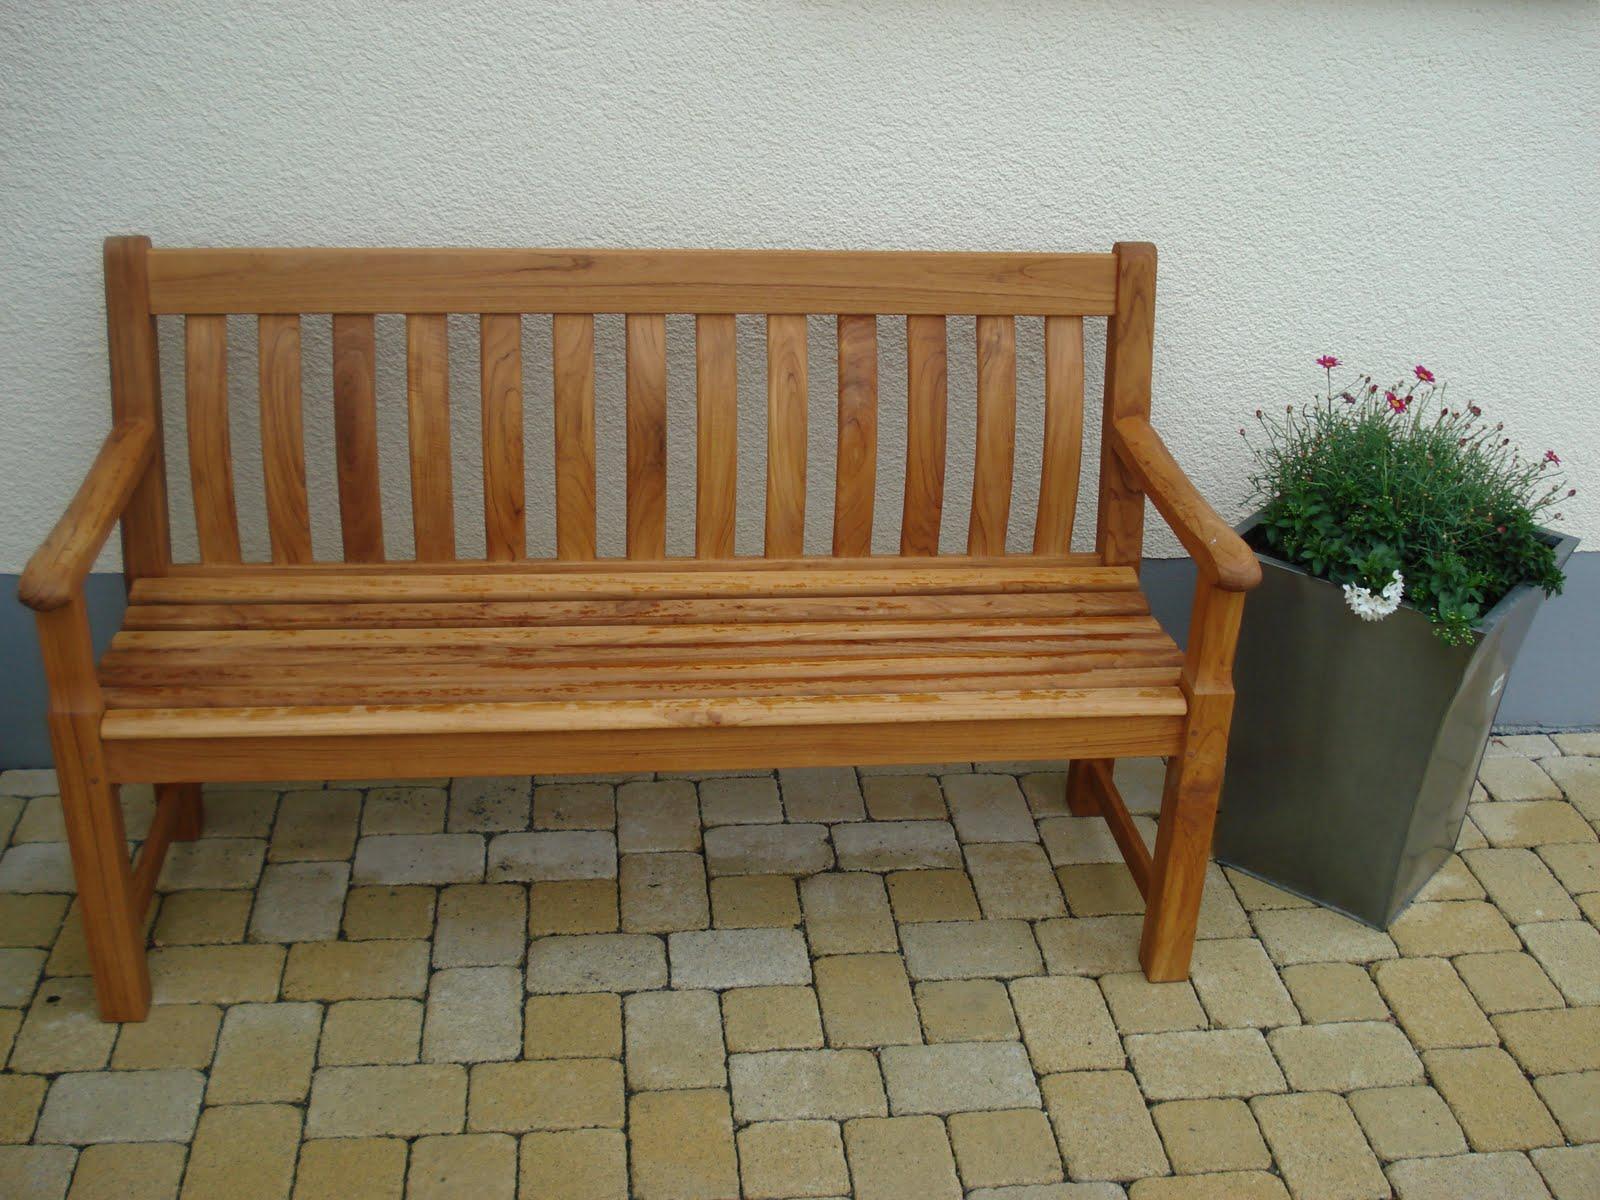 Bauplan Gartenbank Mit Tisch